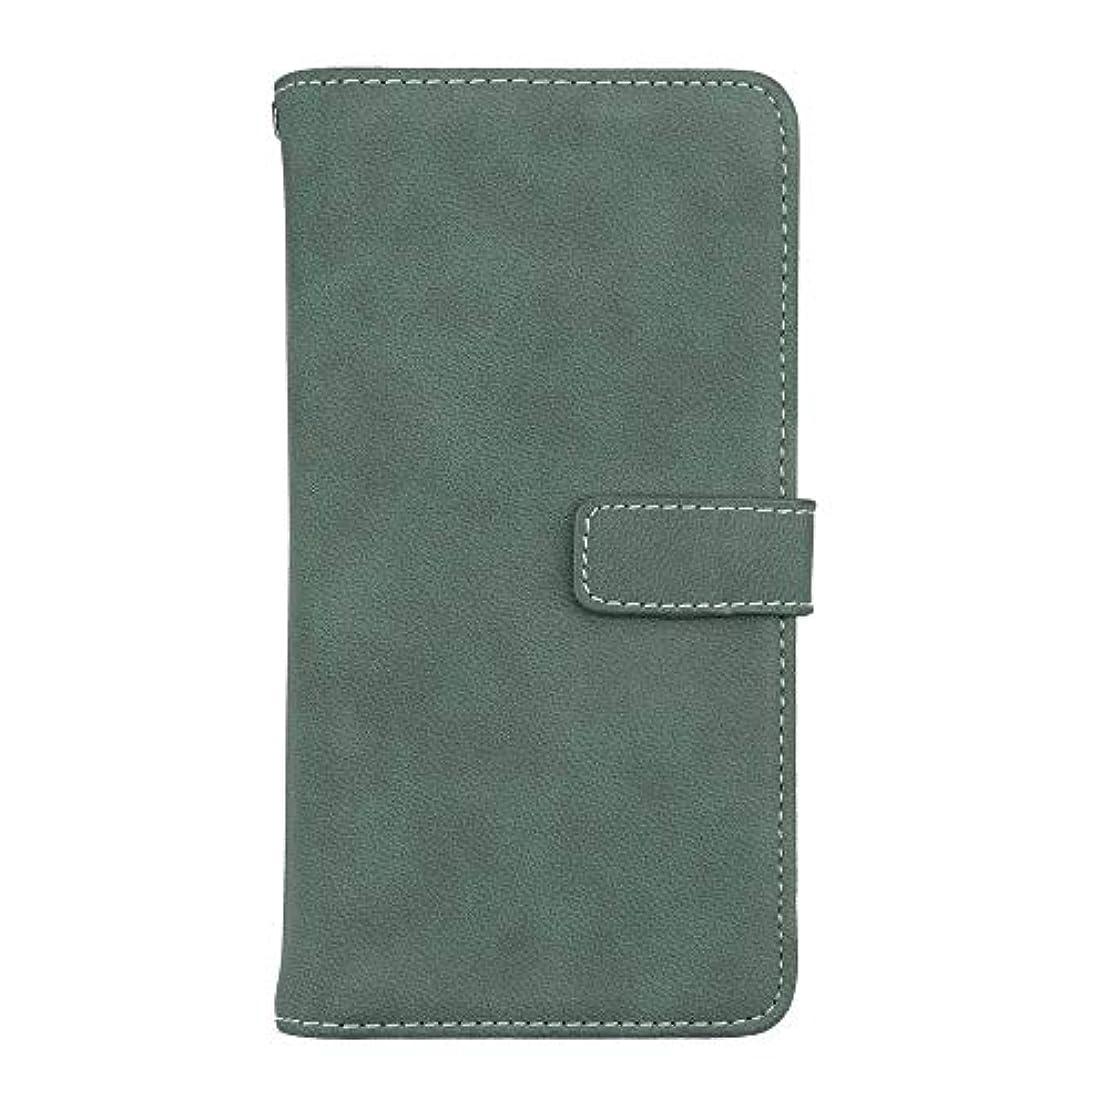 レコーダーファーム別れるXiaomi Redmi Note 5 高品質 マグネット ケース, CUNUS 携帯電話 ケース 軽量 柔軟 高品質 耐摩擦 カード収納 カバー Xiaomi Redmi Note 5 用, グリーン